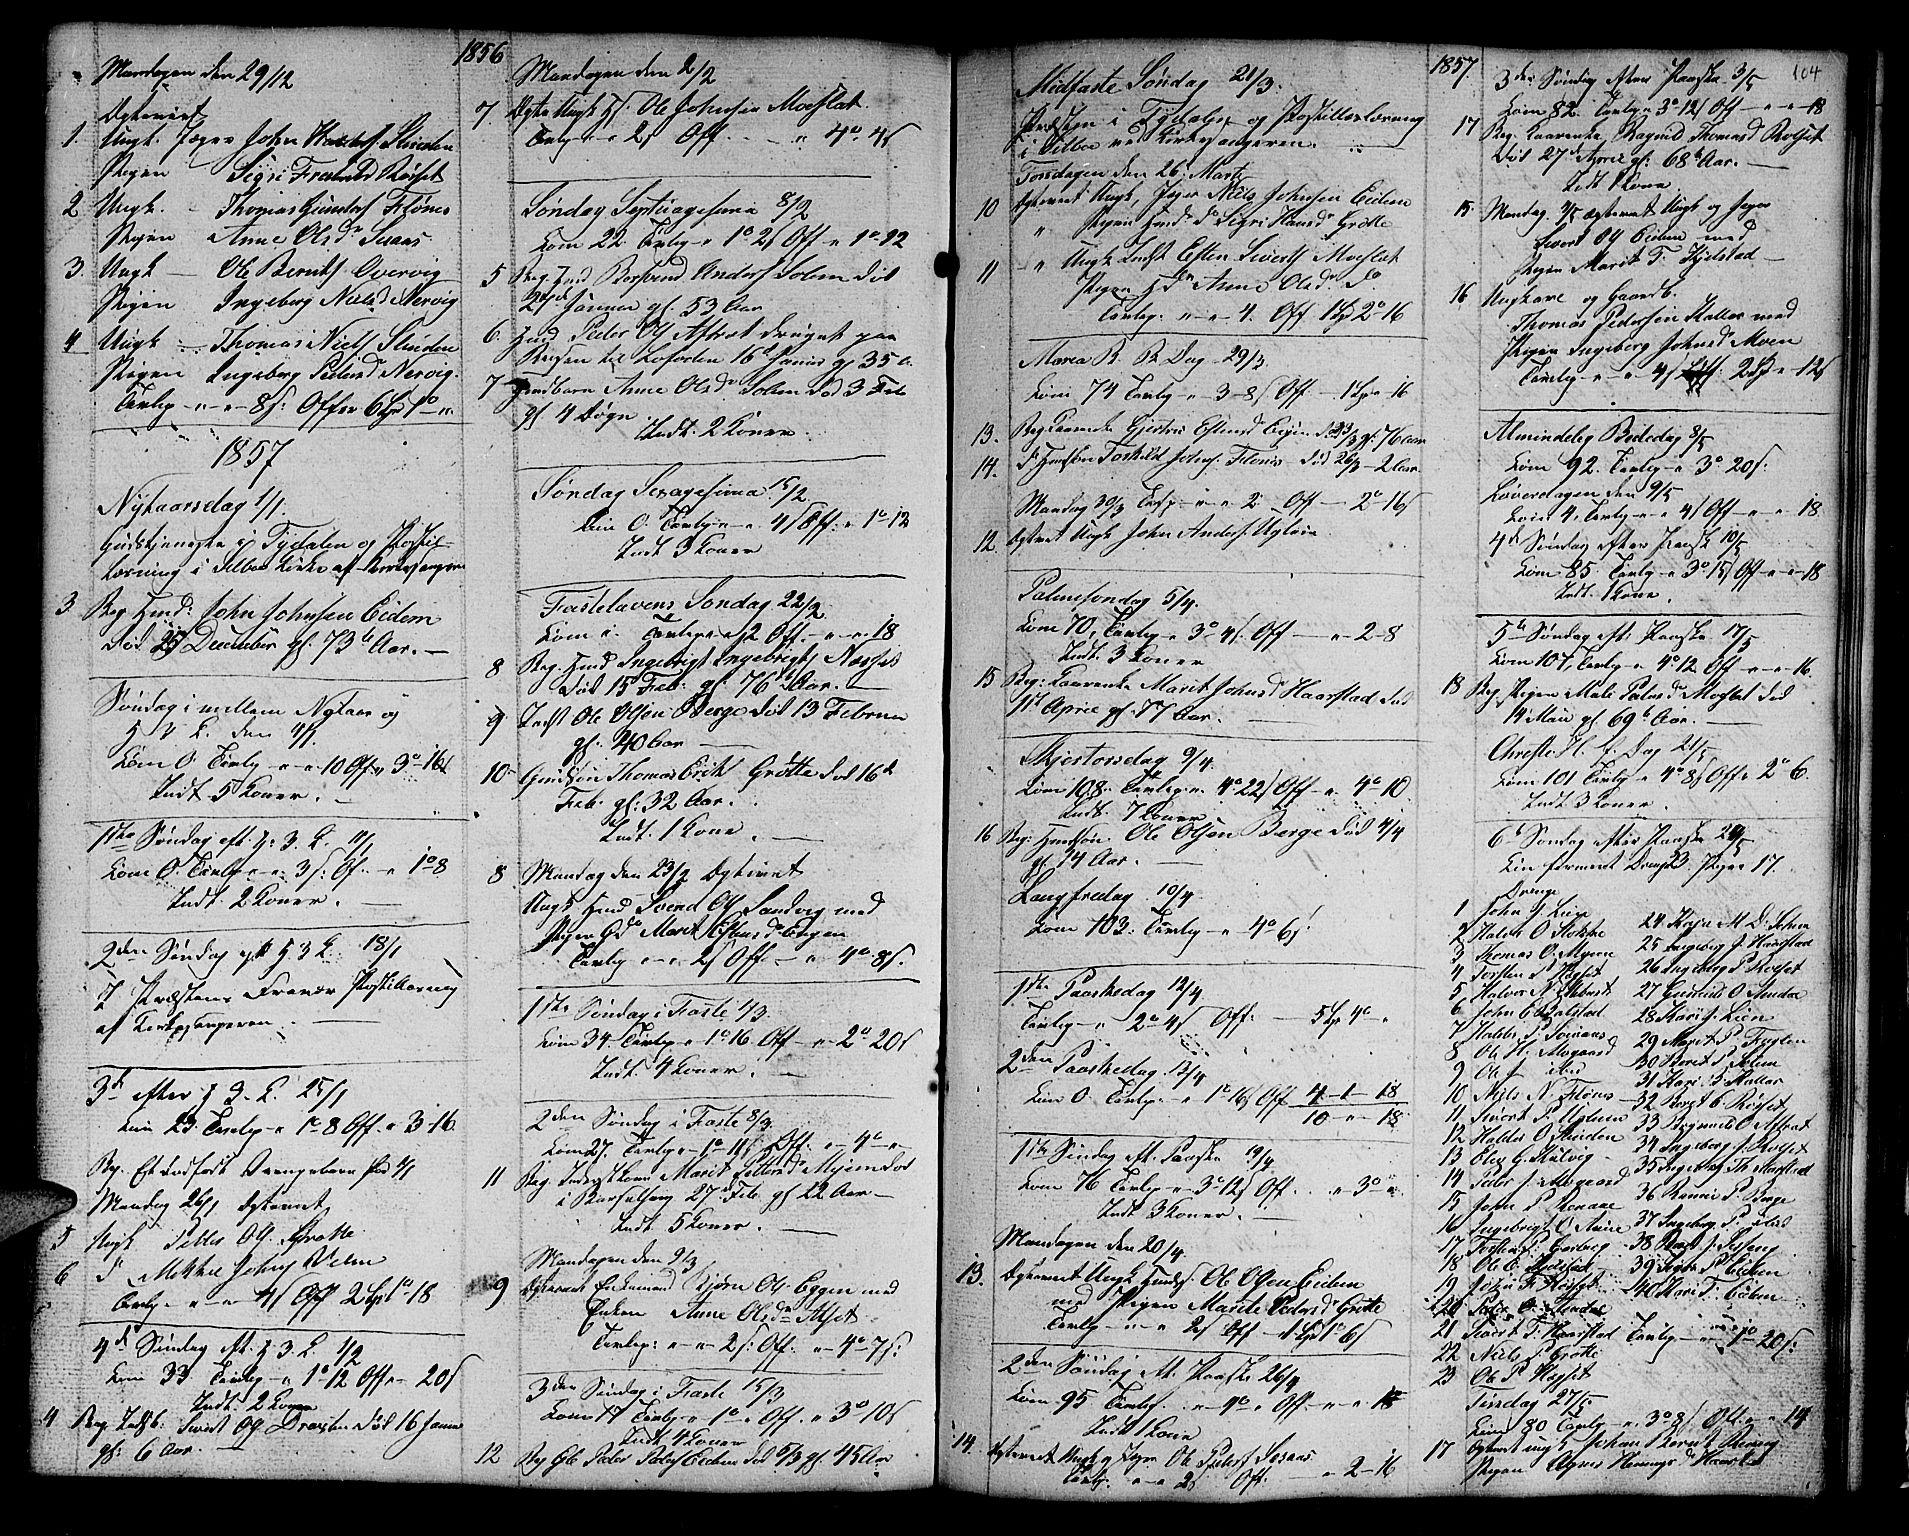 SAT, Ministerialprotokoller, klokkerbøker og fødselsregistre - Sør-Trøndelag, 695/L1154: Klokkerbok nr. 695C05, 1842-1858, s. 104